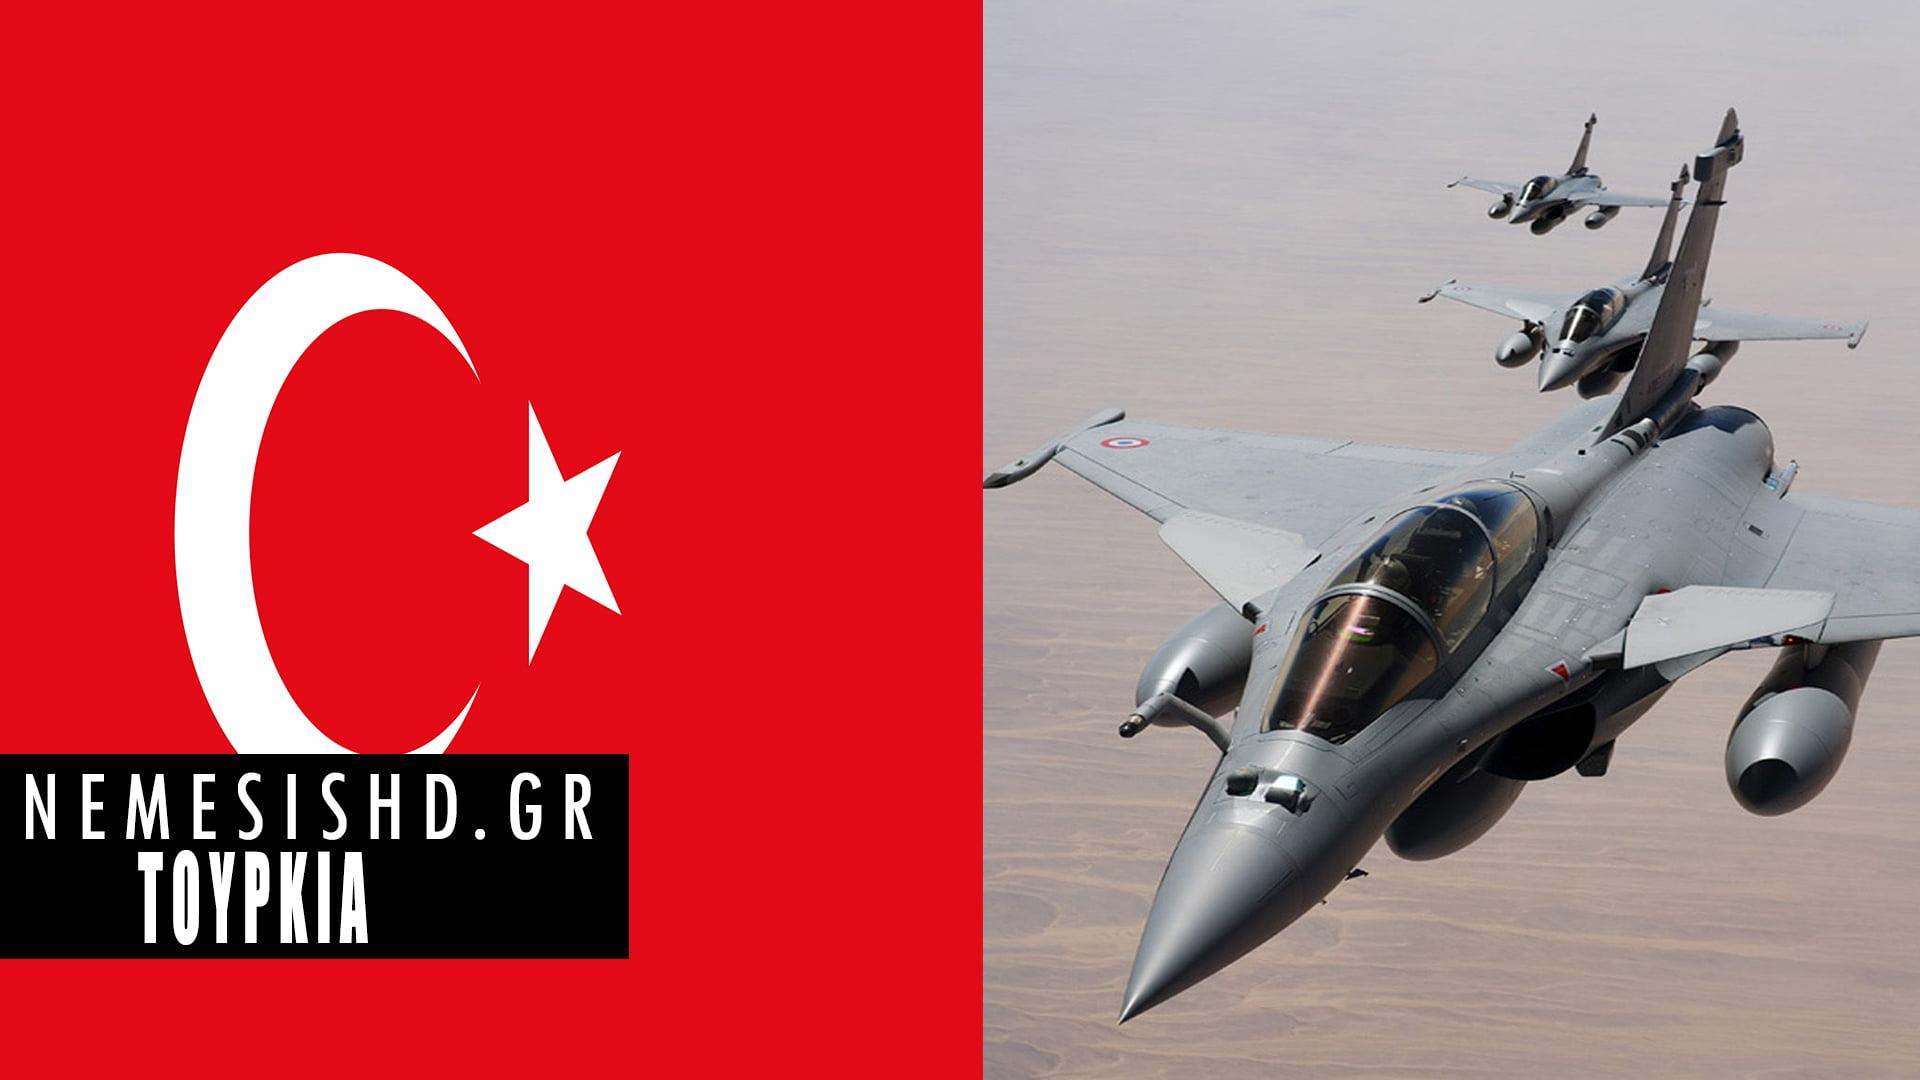 Η ΤΟΥΡΚΙΑ ΔΟΚΙΜΑΖΕΙ ΤΑ RAFALE: Συμμετοχή Κατάρ στην Anatolian Eagle